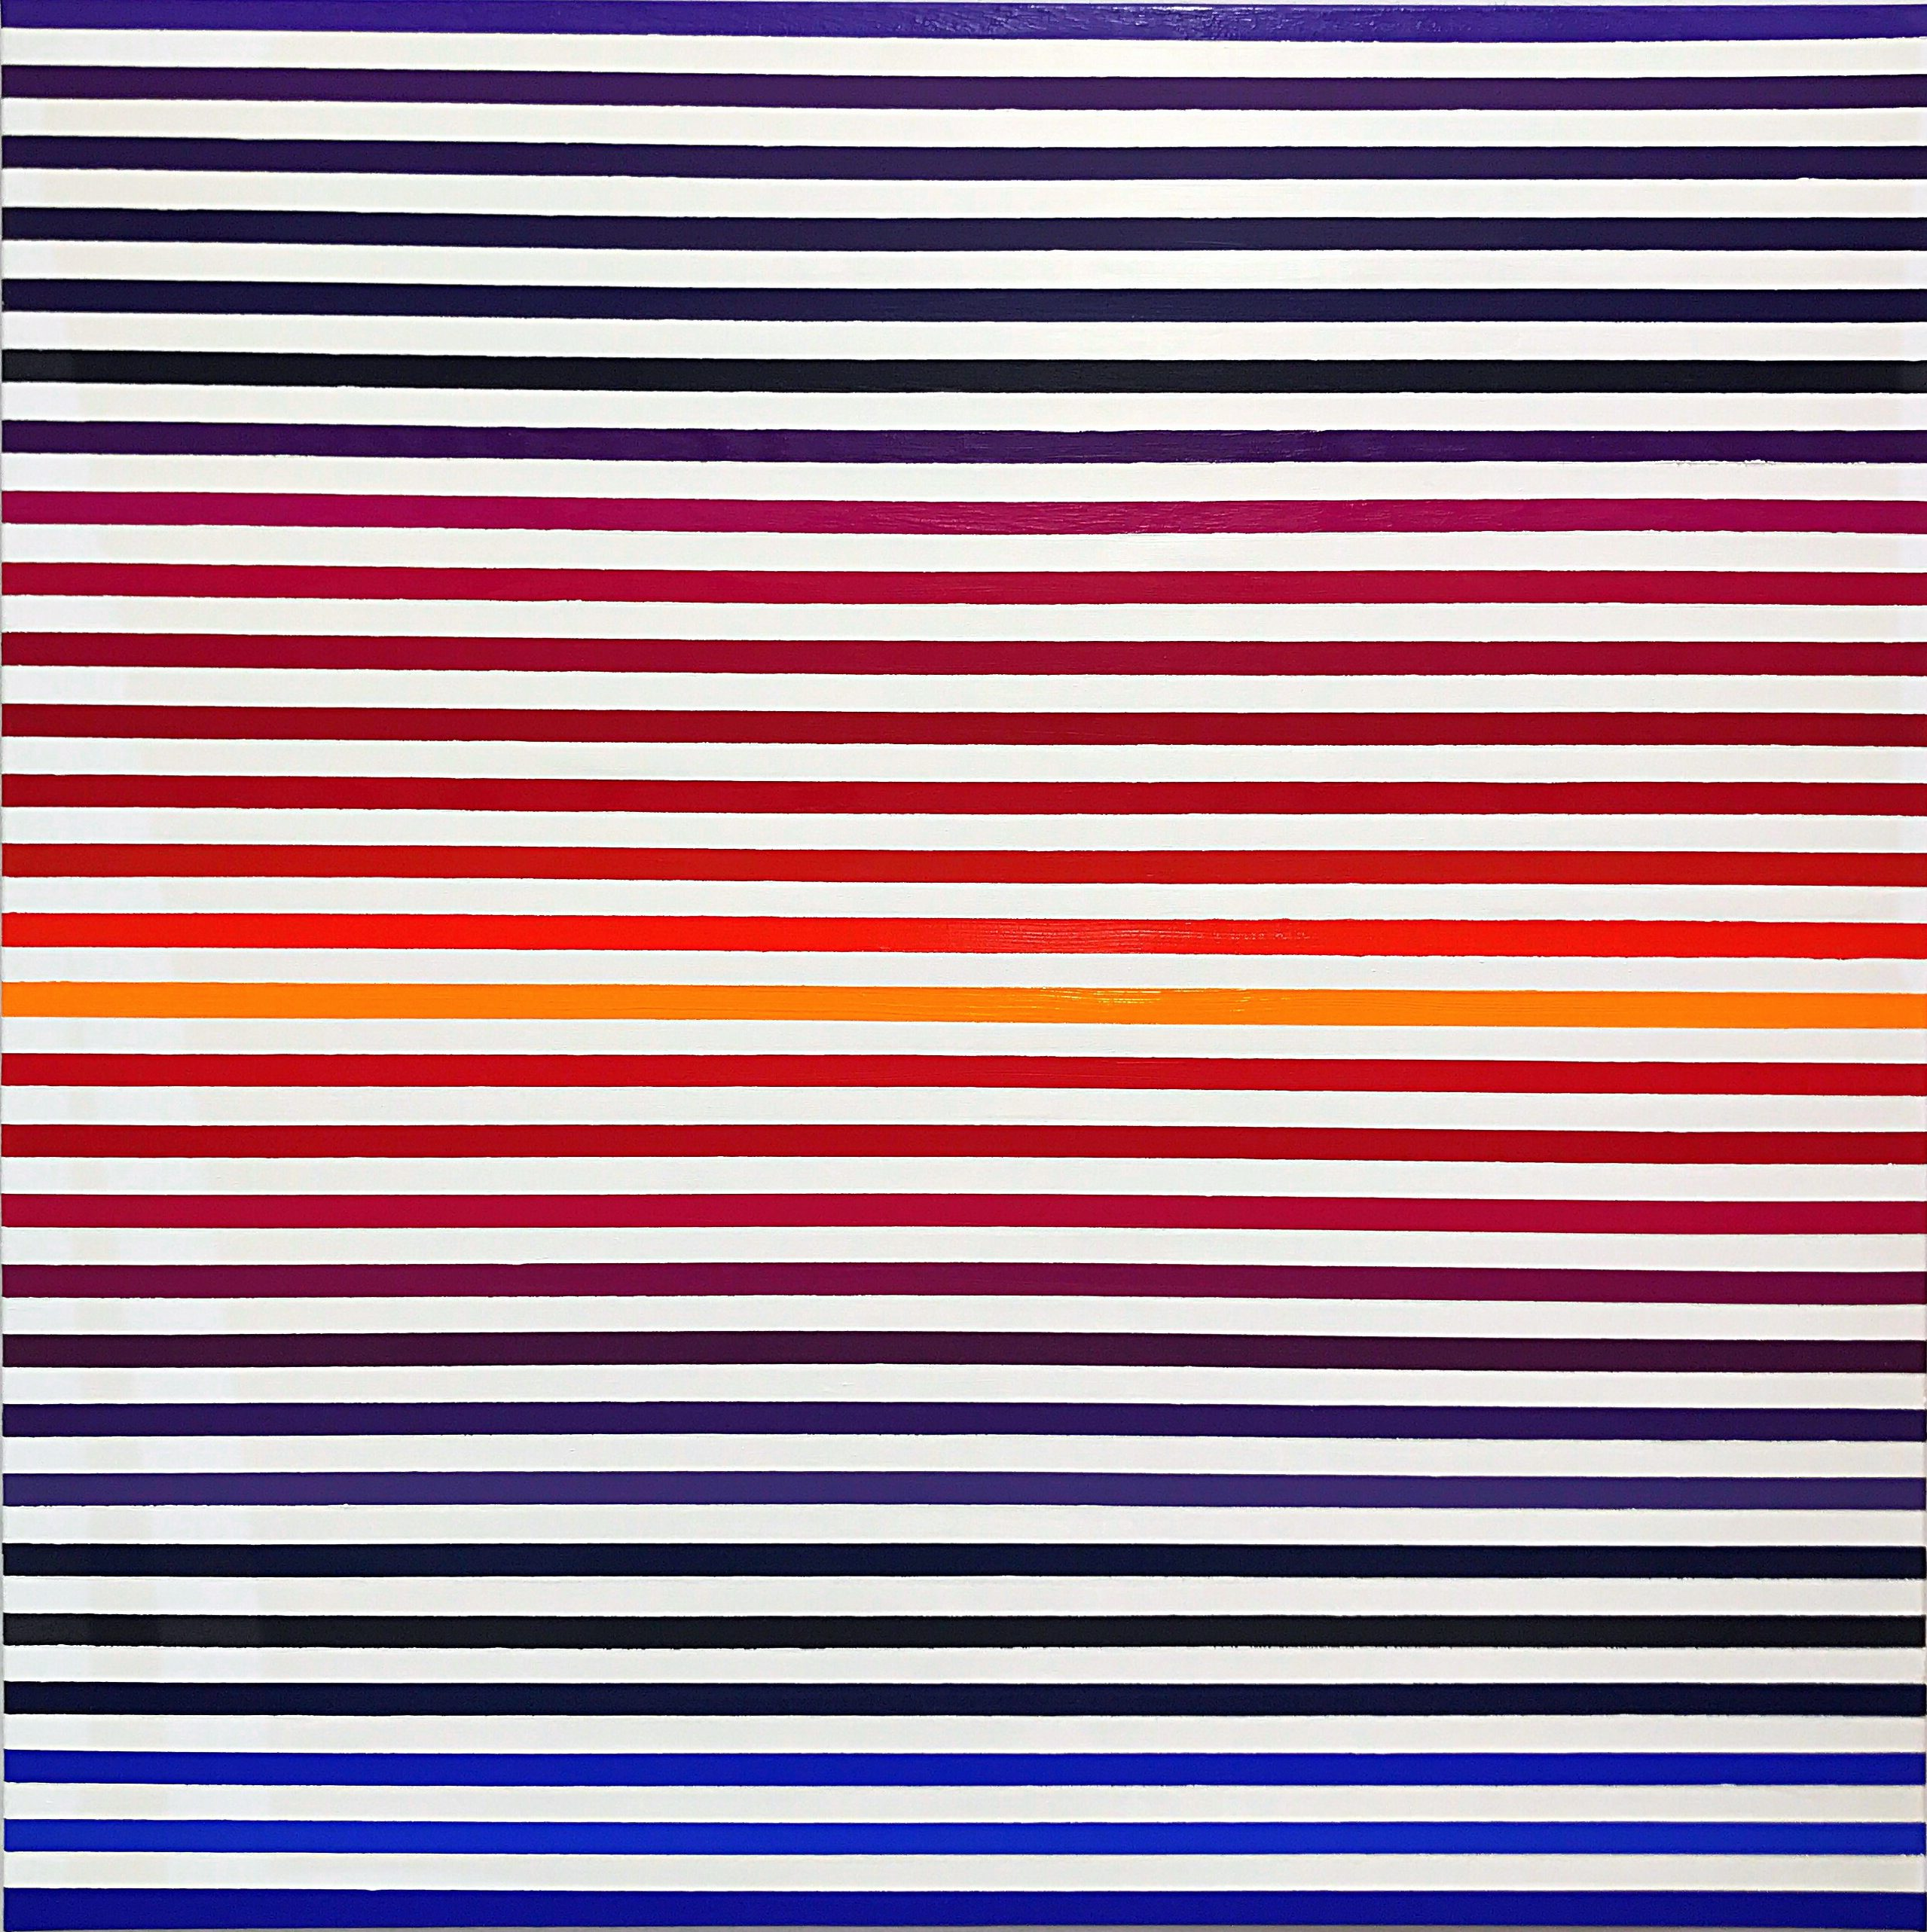 WAHRNEHMUNGSSTREIFEN 011 Leinwand : 70 x 70 x 2 cm Acrylic Oil on canvas